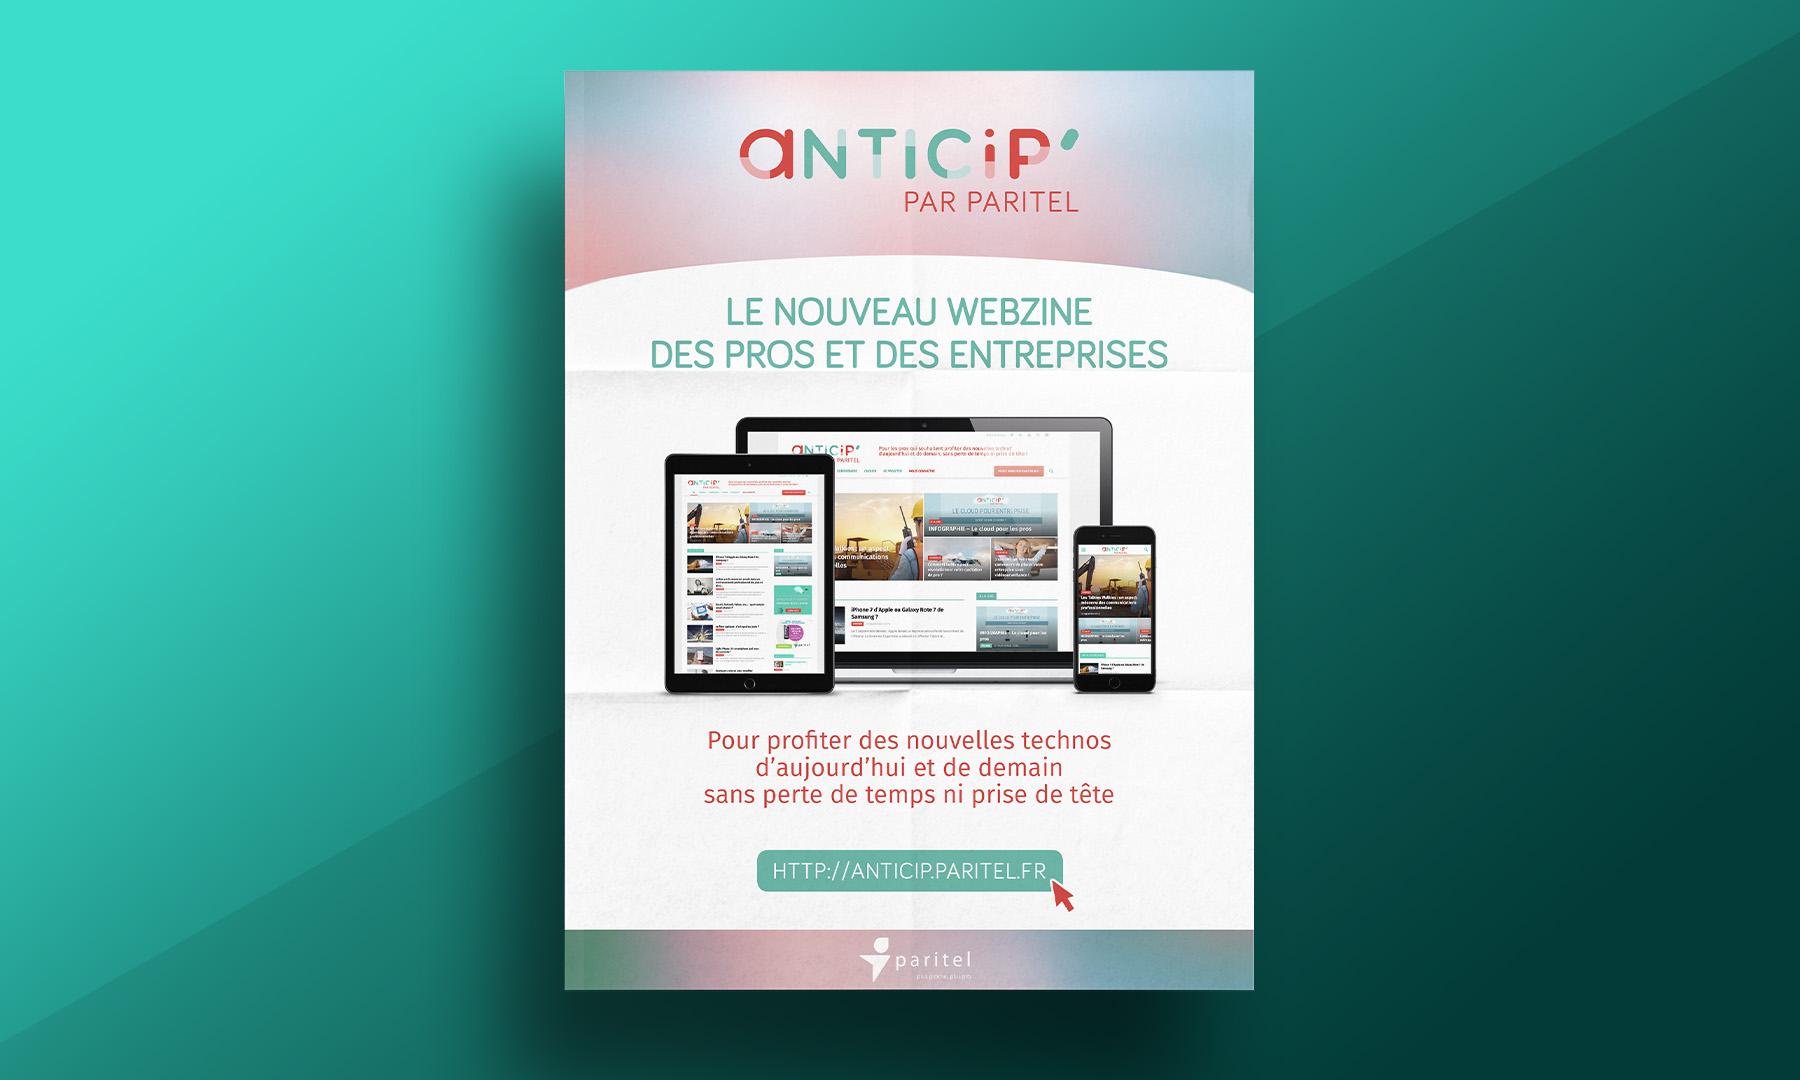 Flyer réalisé par paulalexandre. Graphiste, Web Designer, Motion Designer & Illustrateur freelance basé sur Marseille. Un projet ? N'hésitez pas à me contacter.